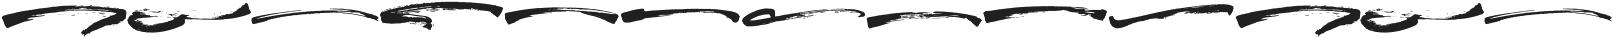 Moveness Brush Swash otf (400) Font LOWERCASE